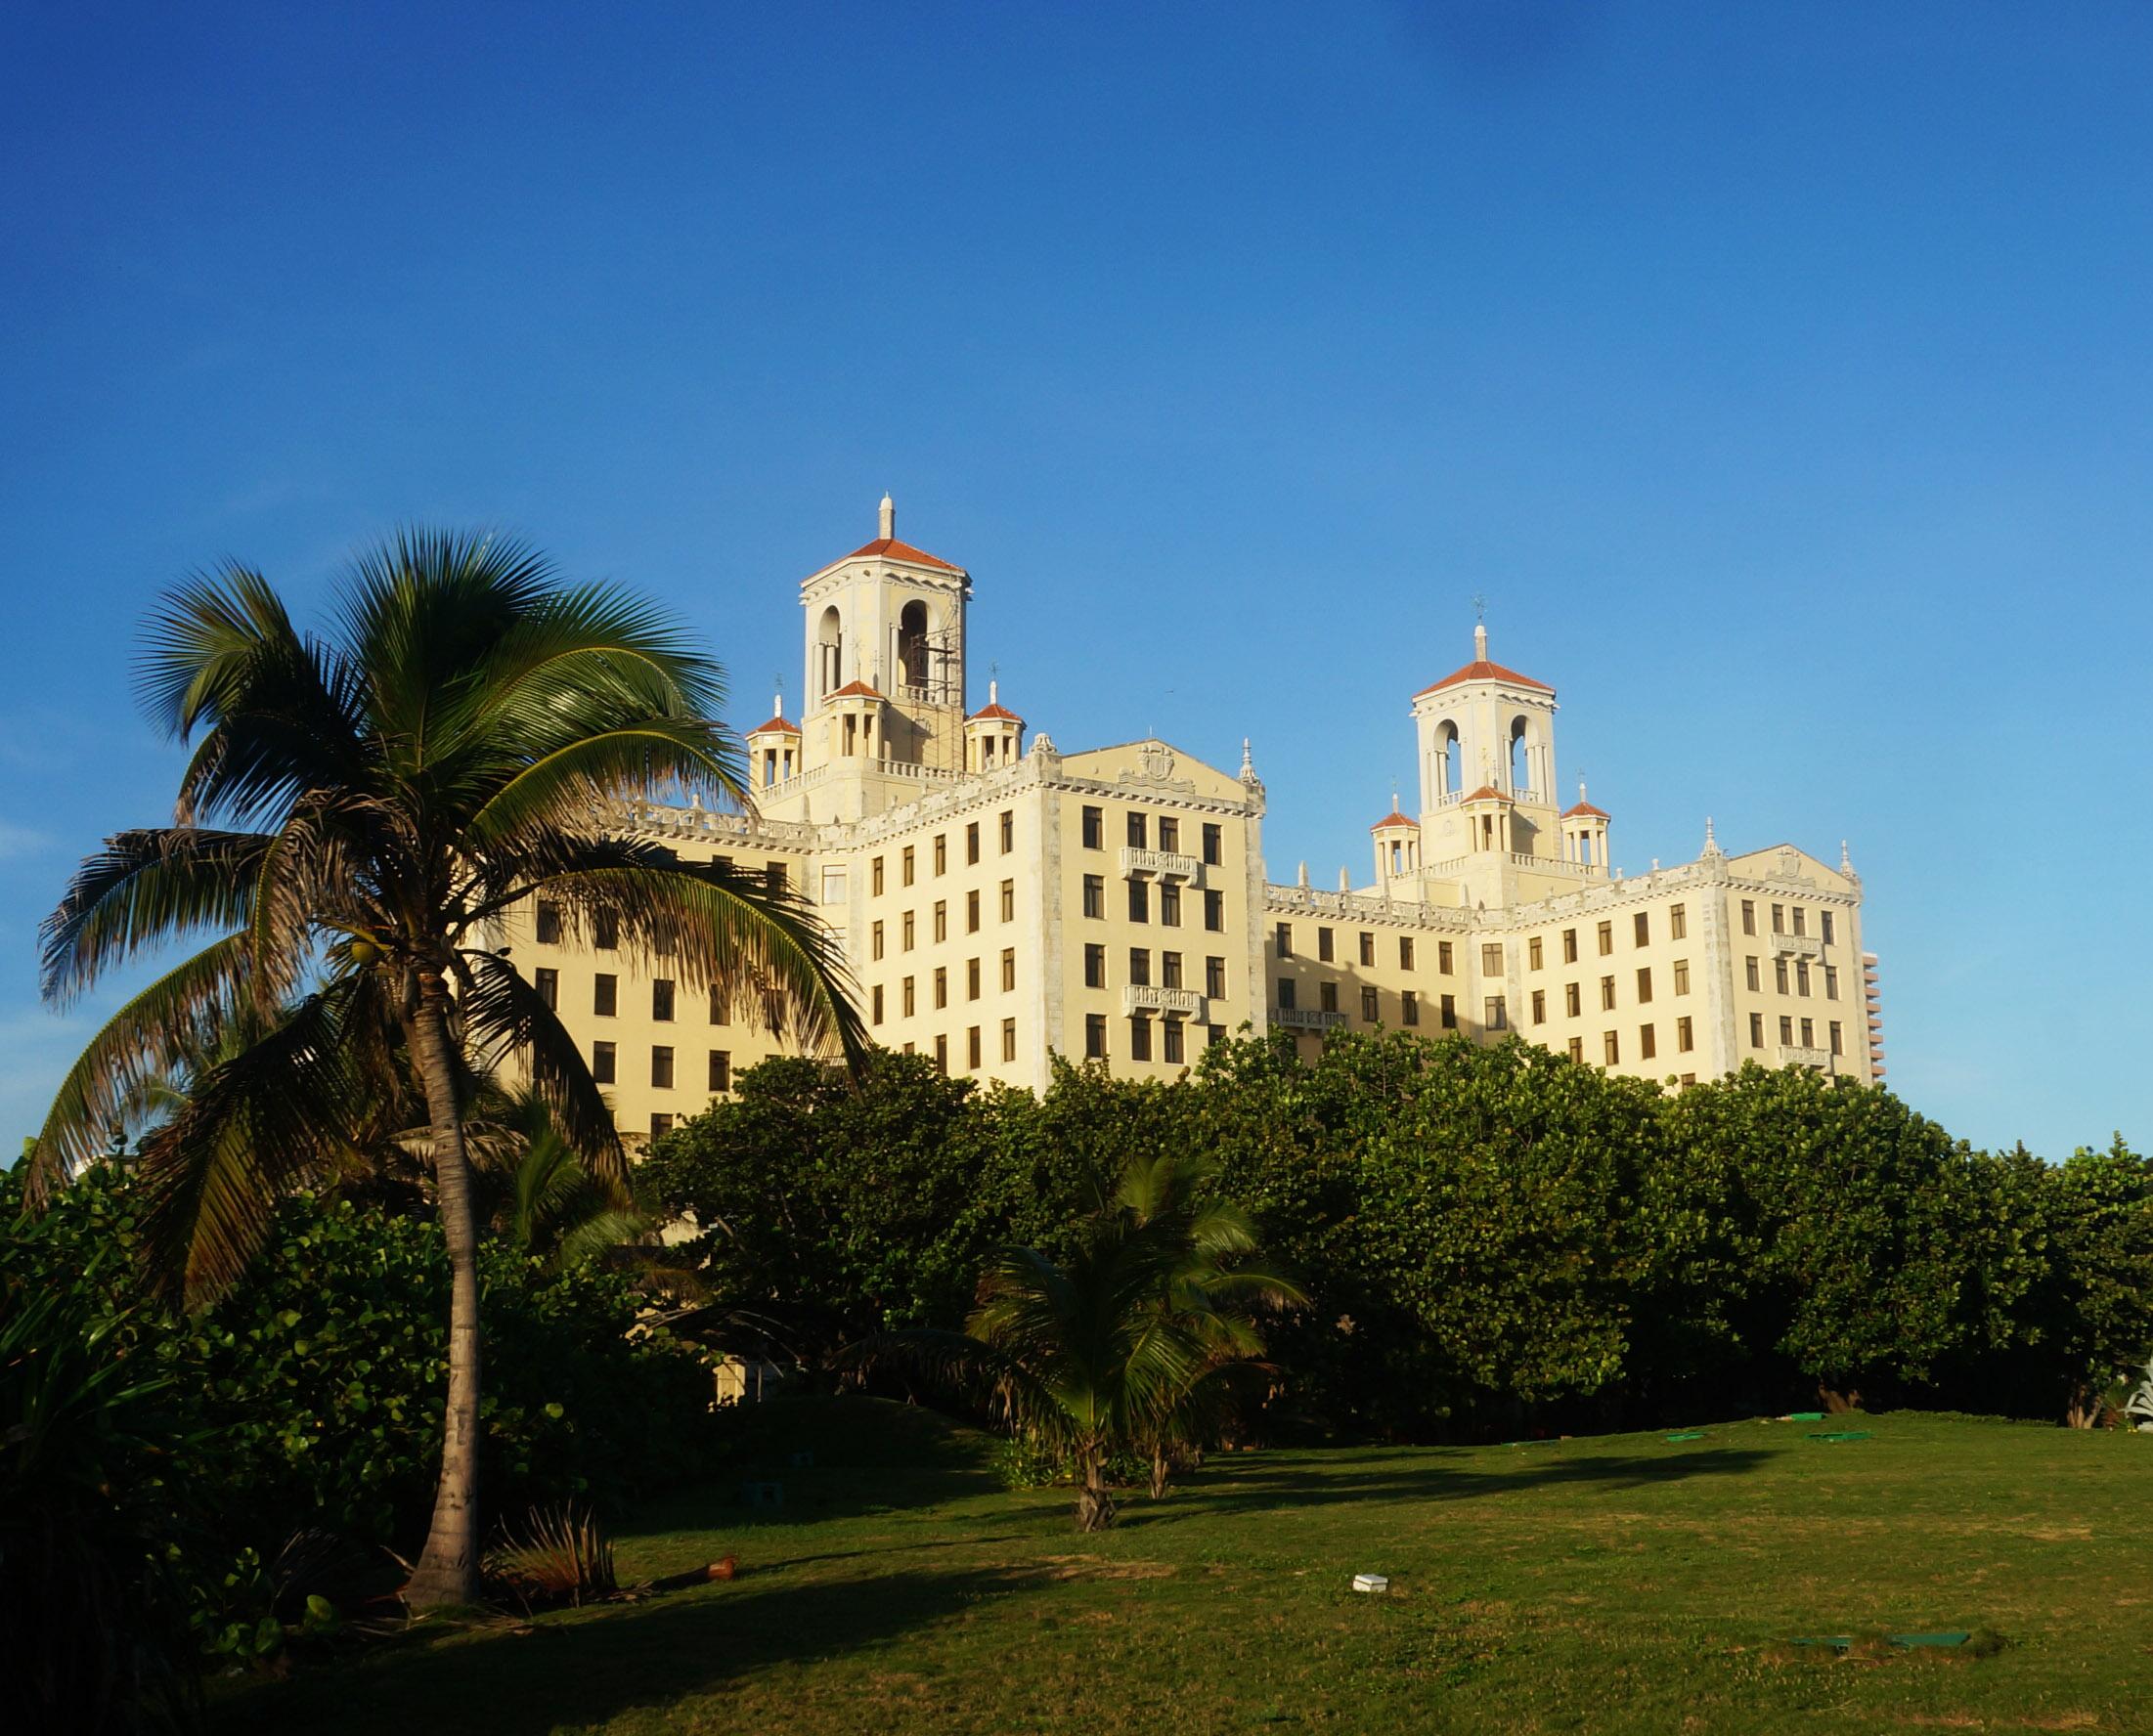 hotel nacional de cuba history